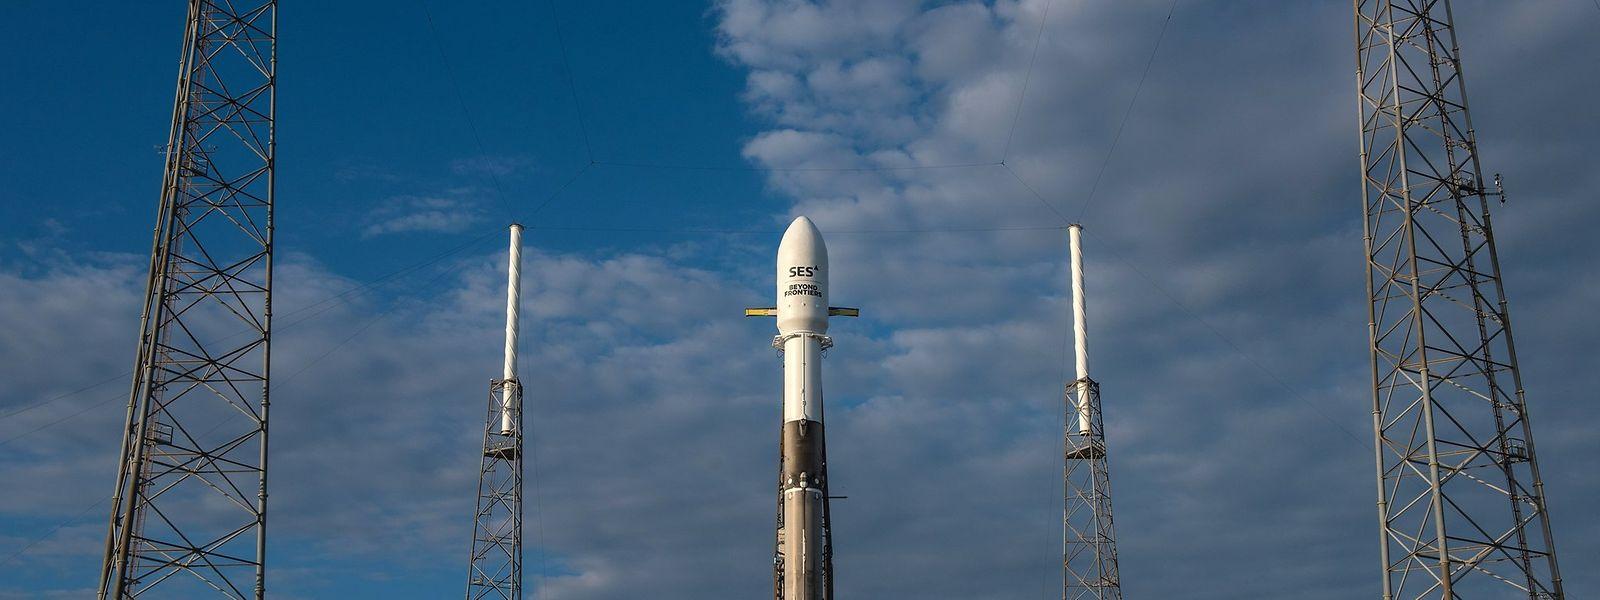 Space X a lancé avec succès SES12, qui va rejoindre SES8 pour l'Asie-Pacifique et le Moyen-Orient